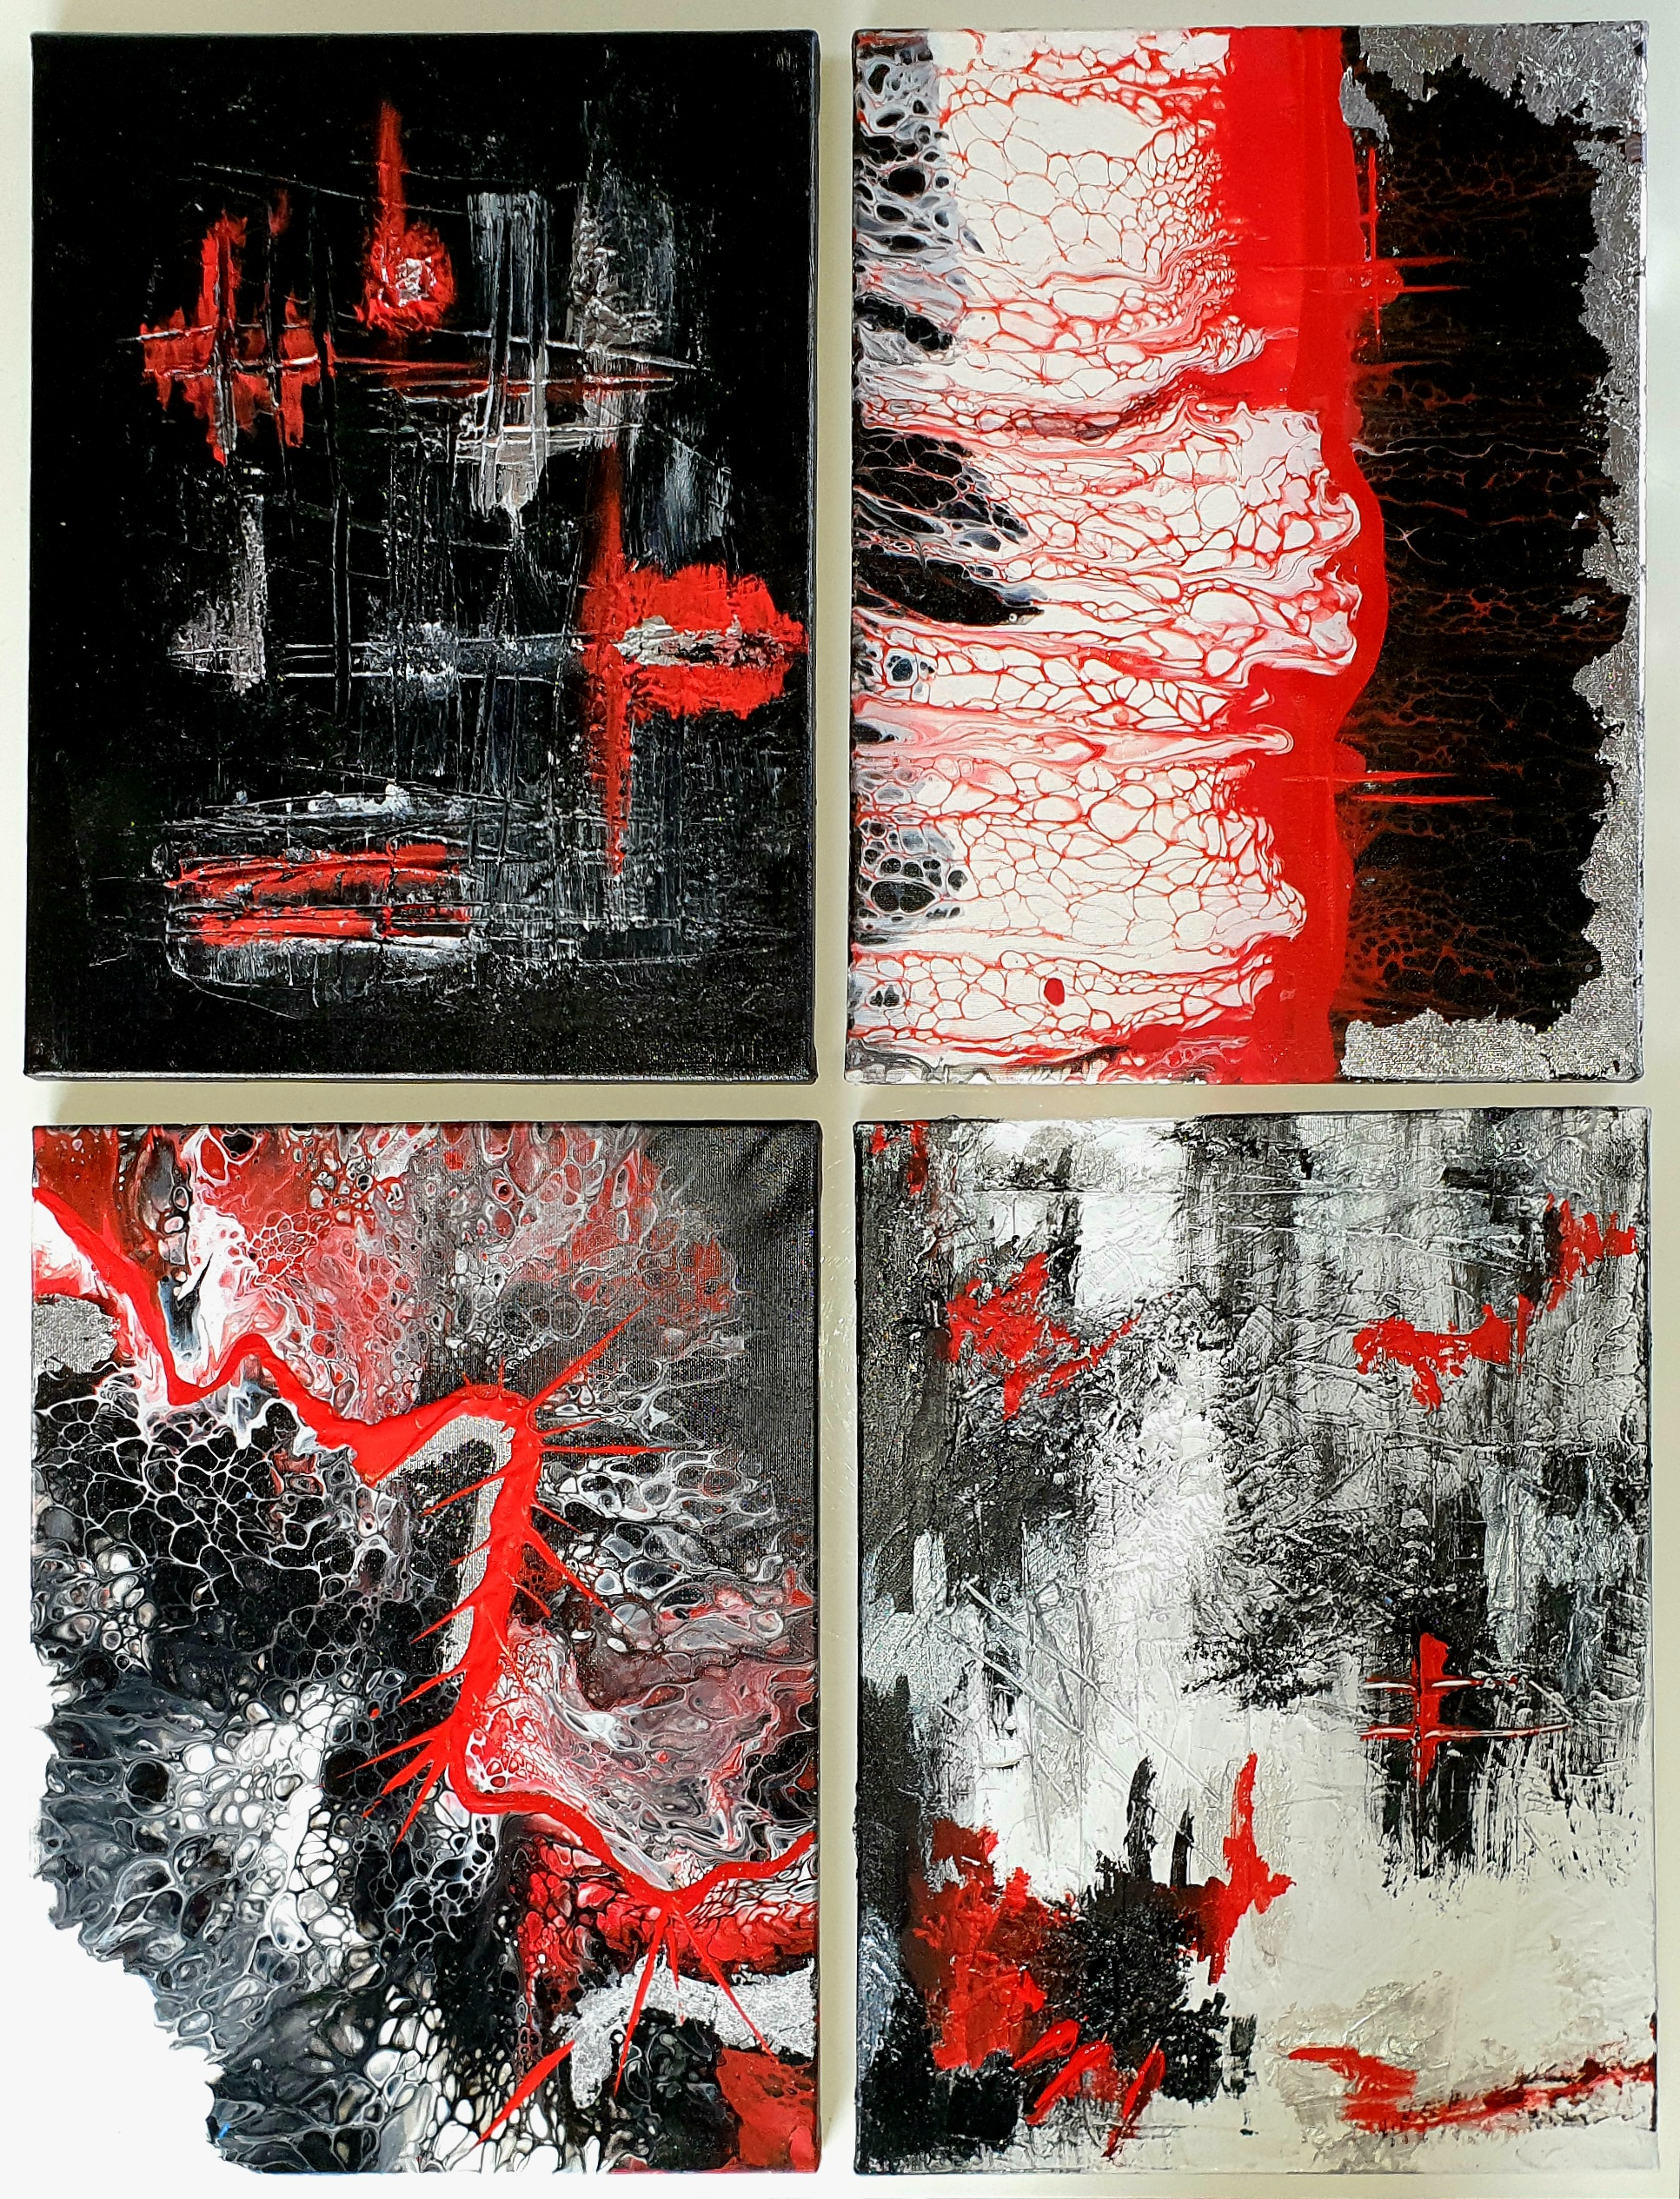 """Obraz składający się z 4 części obrazów 30cm x 40cm pt.""""Adrenalina"""" (2020)"""